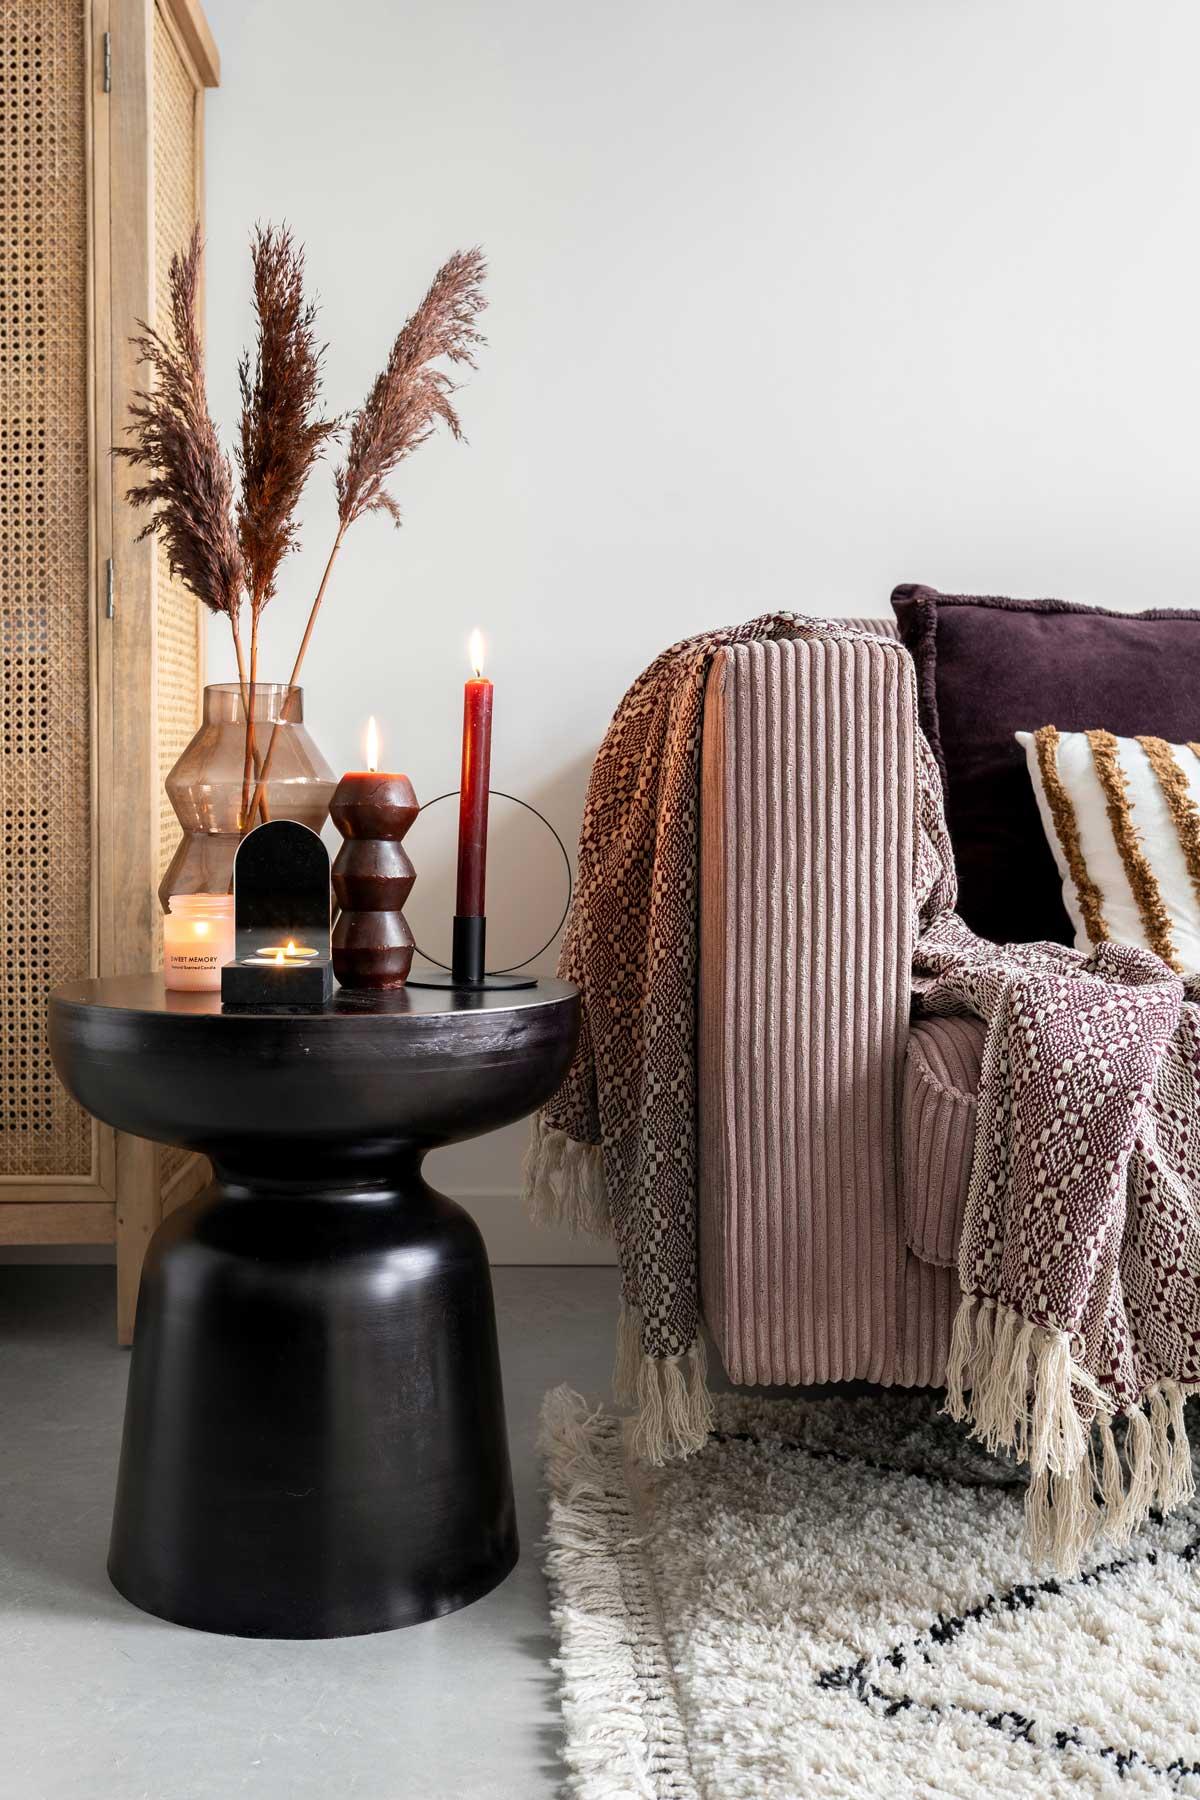 Herfst in huis warme tinten - Tanja van Hoogdalem